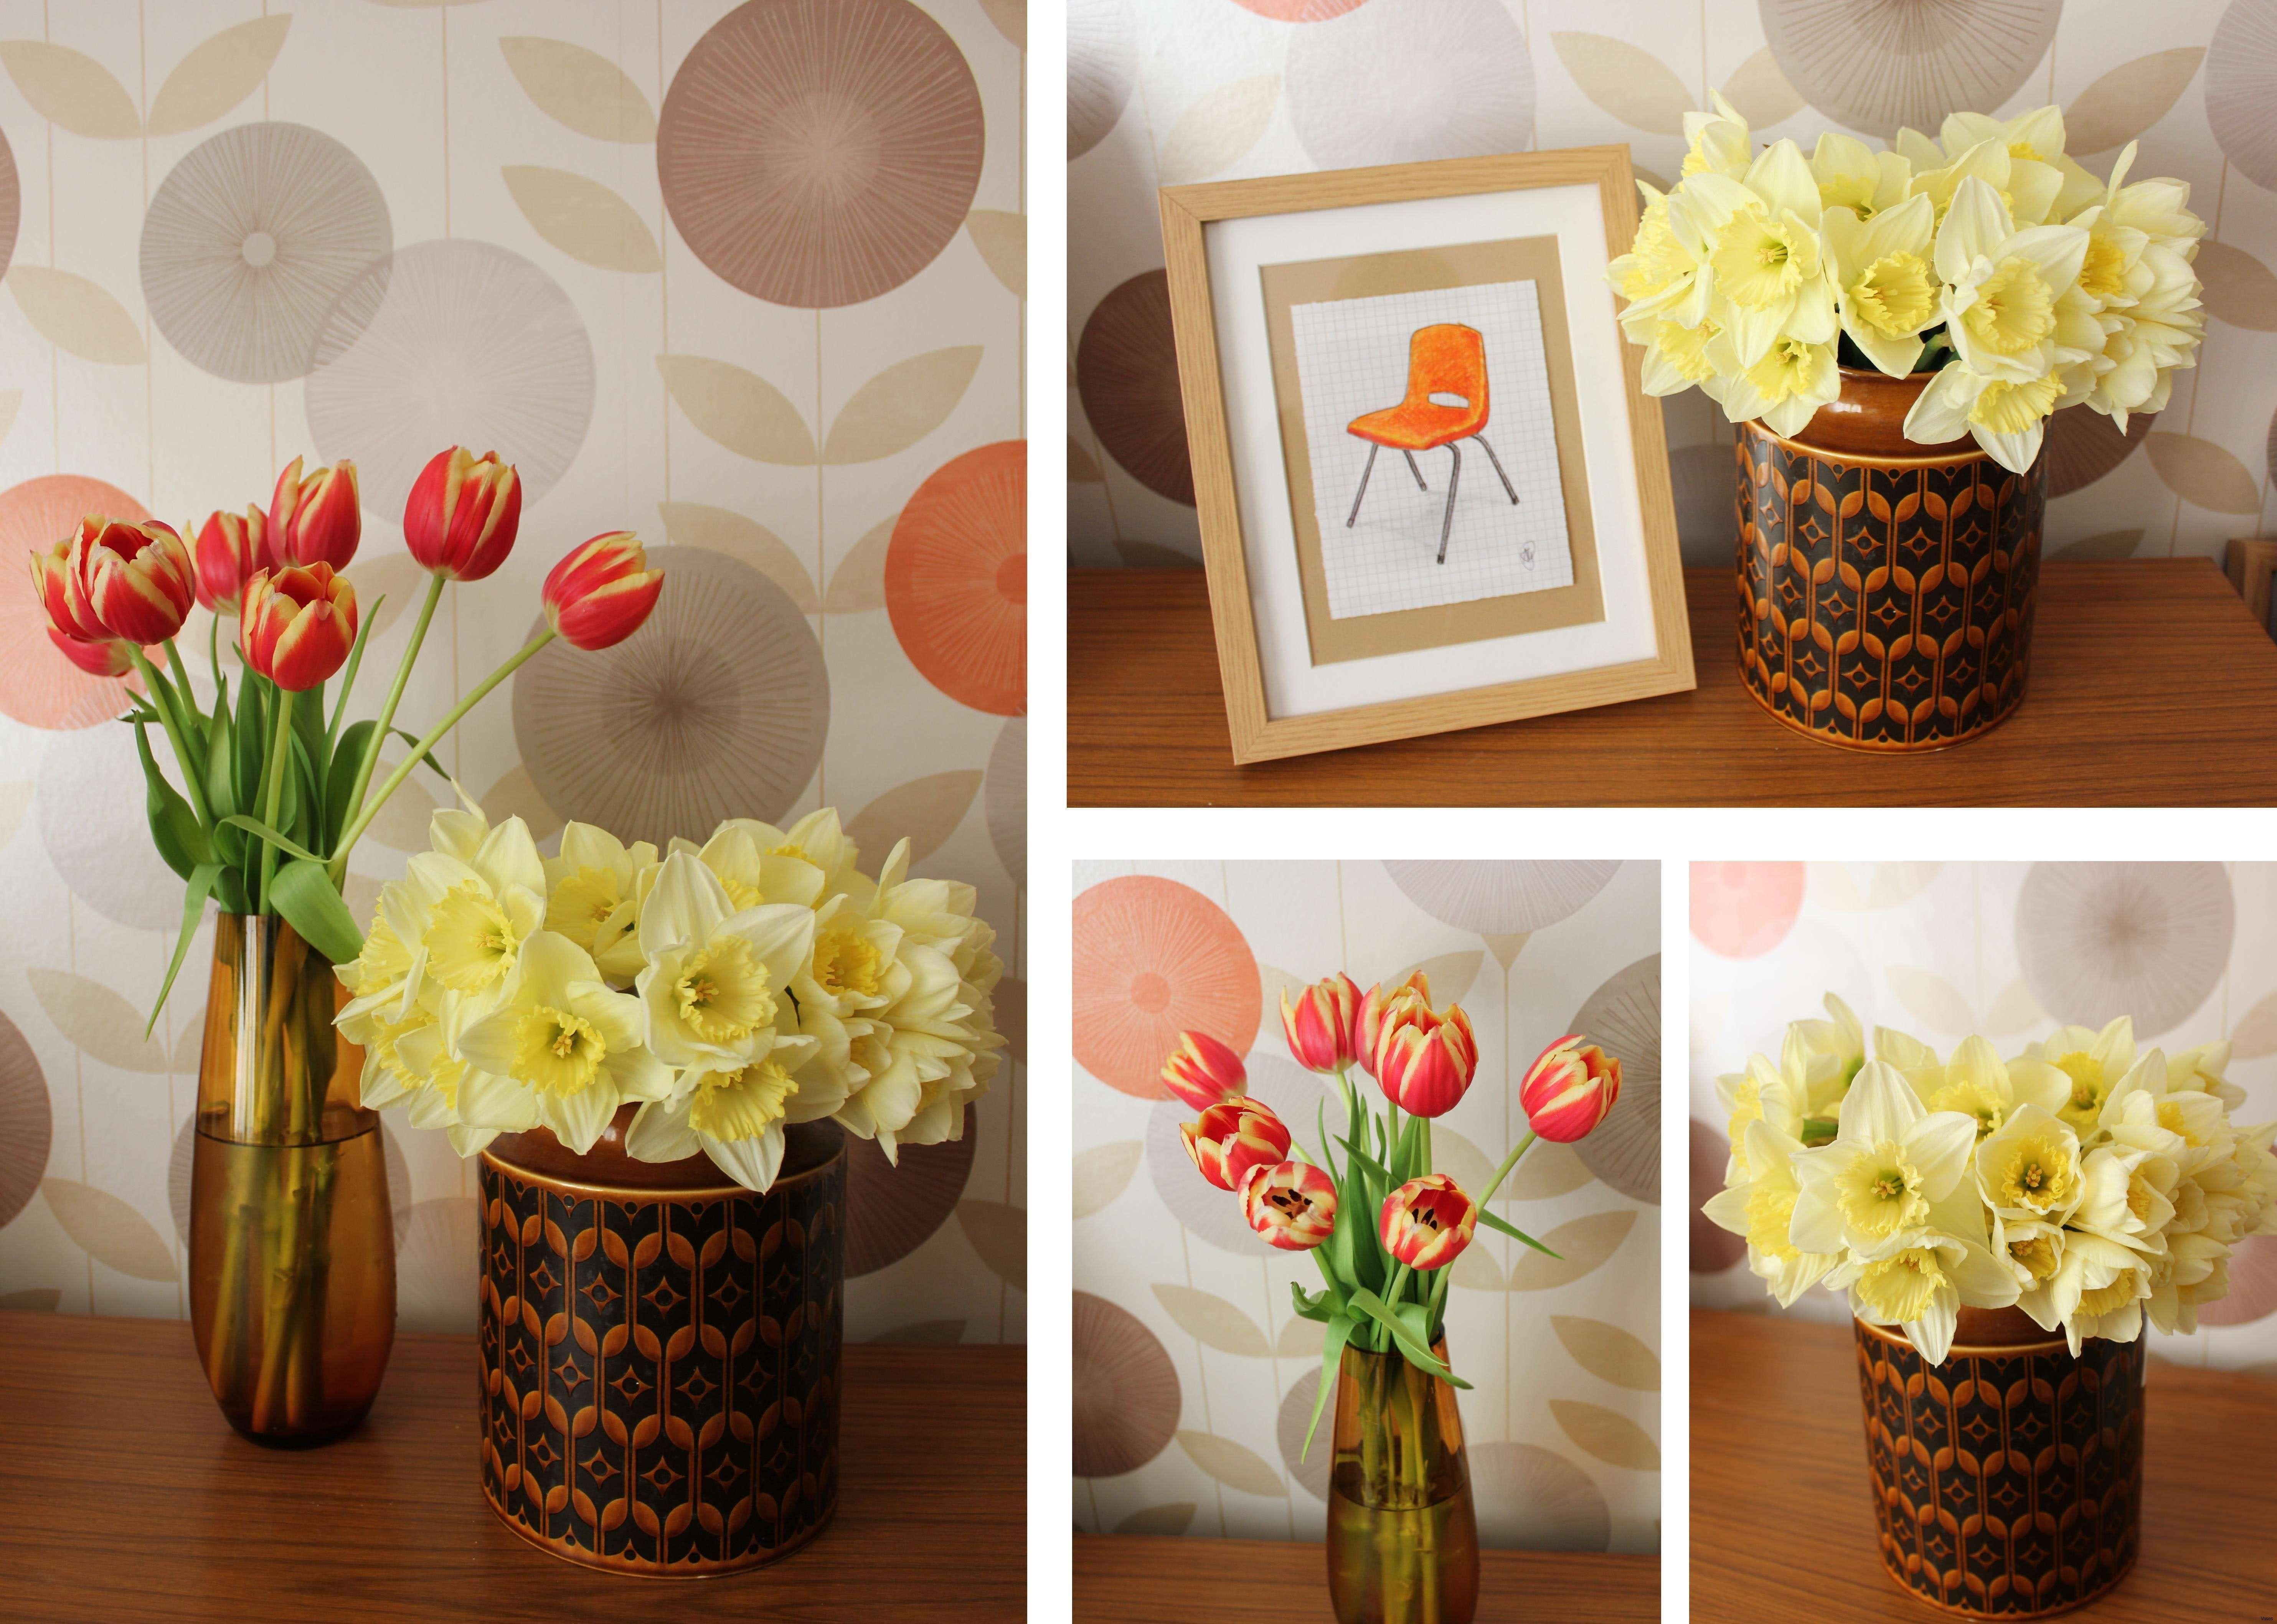 wholesale floor vases of 6 cylinder vase awesome diy home decor vaseh vases decorative flower with 6 cylinder vase awesome diy home decor vaseh vases decorative flower ideas i 0d design